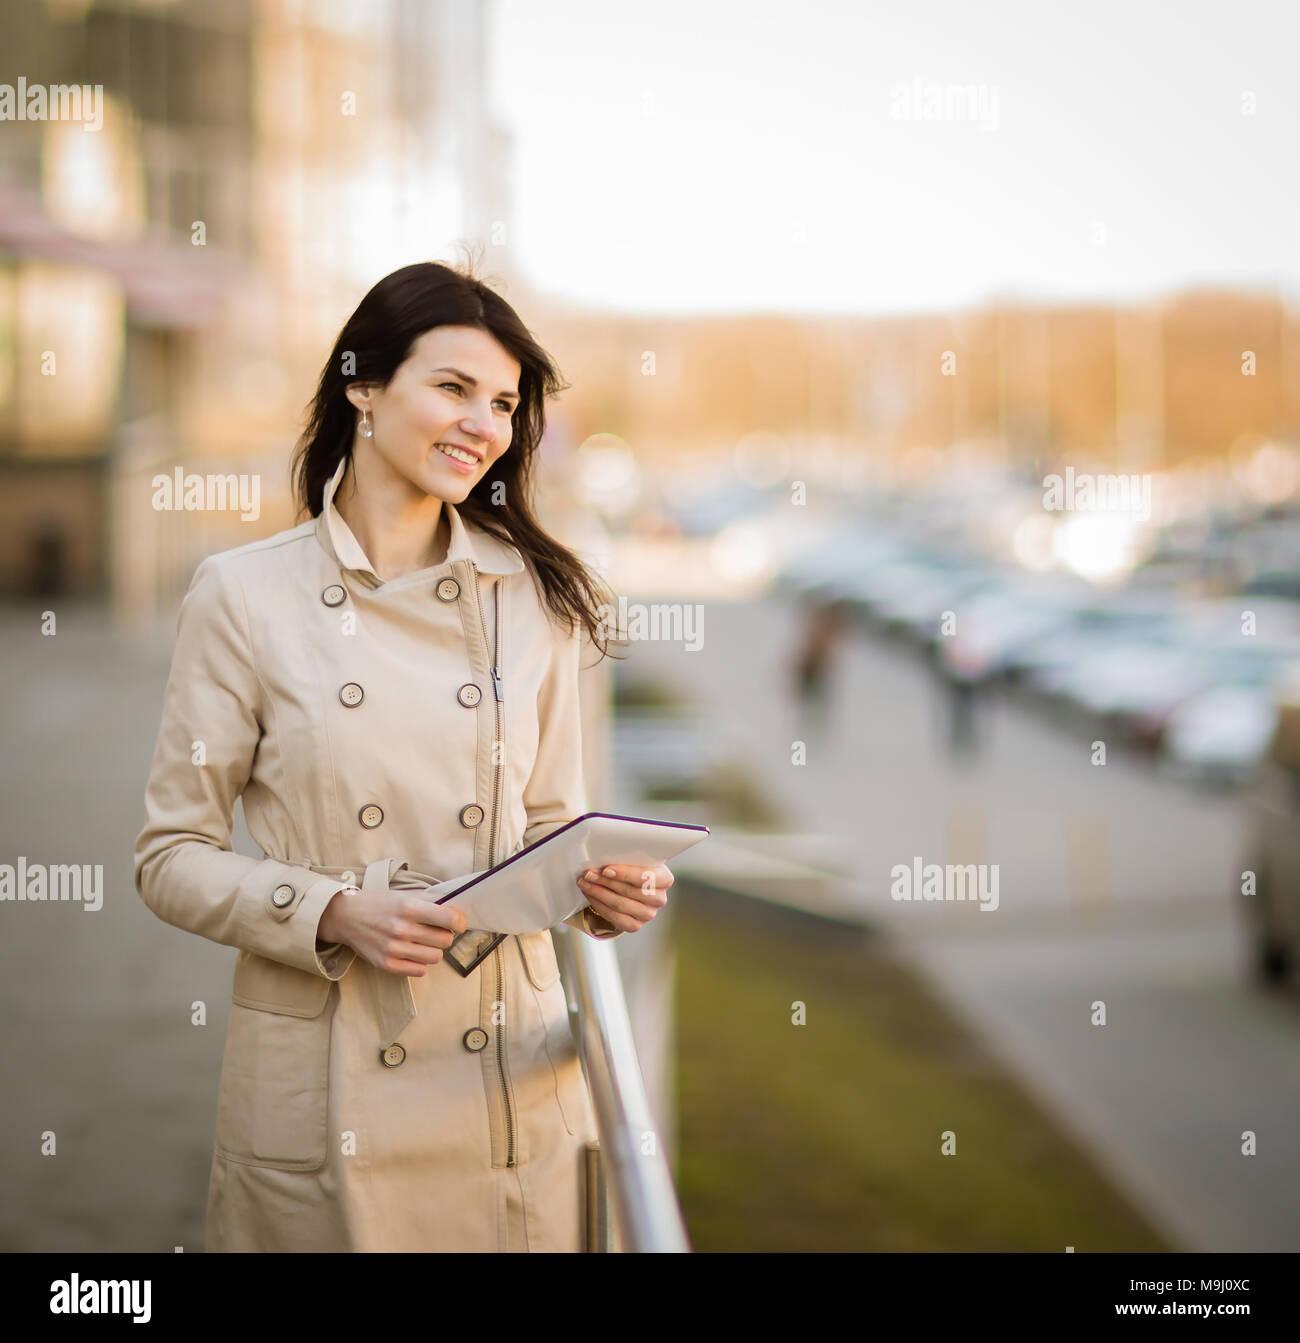 Moderno business donna che lavorano su una tavoletta digitale, in piedi accanto a un edificio per uffici Immagini Stock